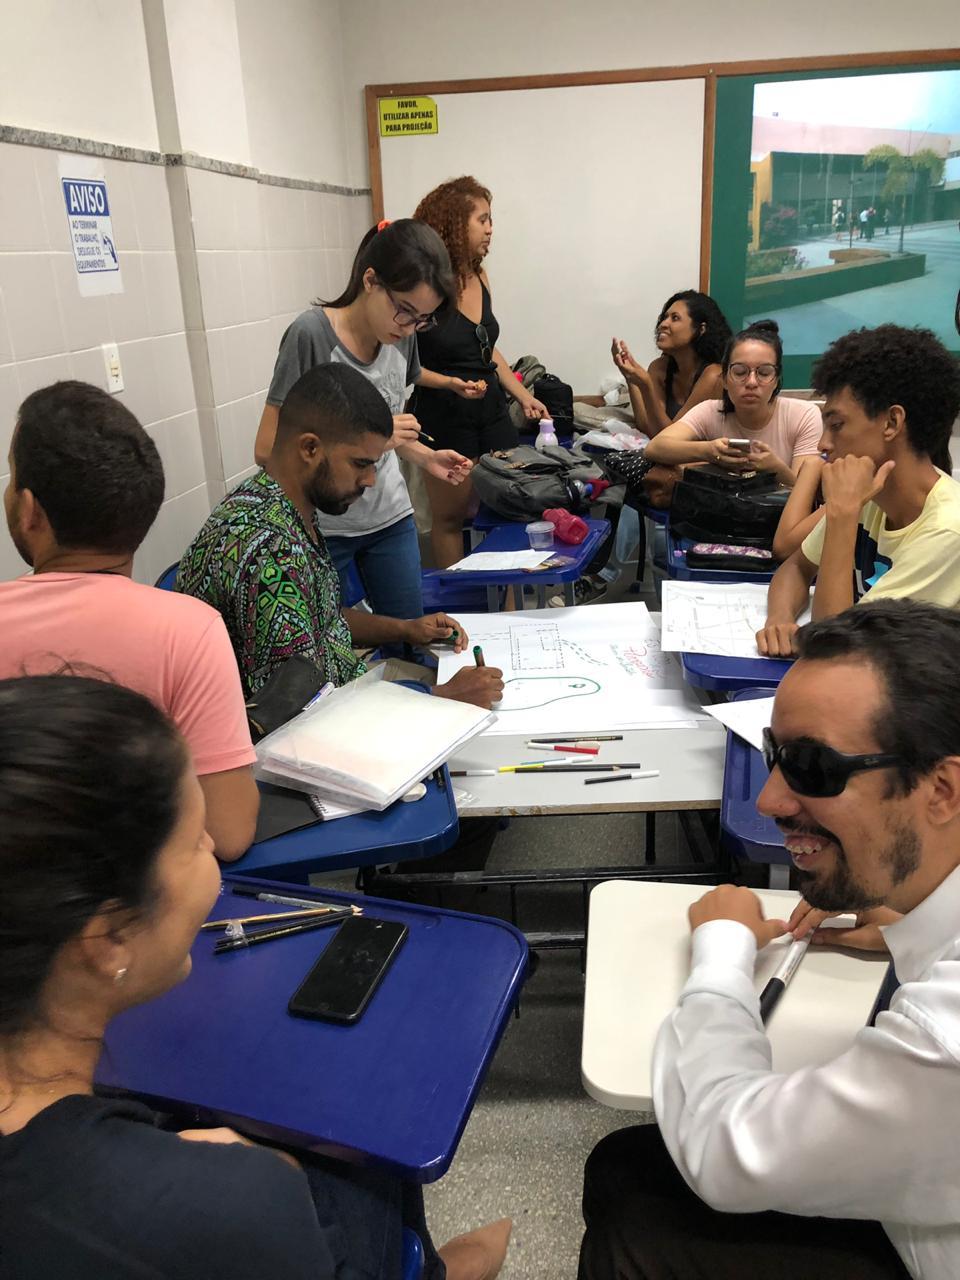 #PraTodoMundoVer: O vereador Lucas Aribé está sentado com alguns participantes do Workshop